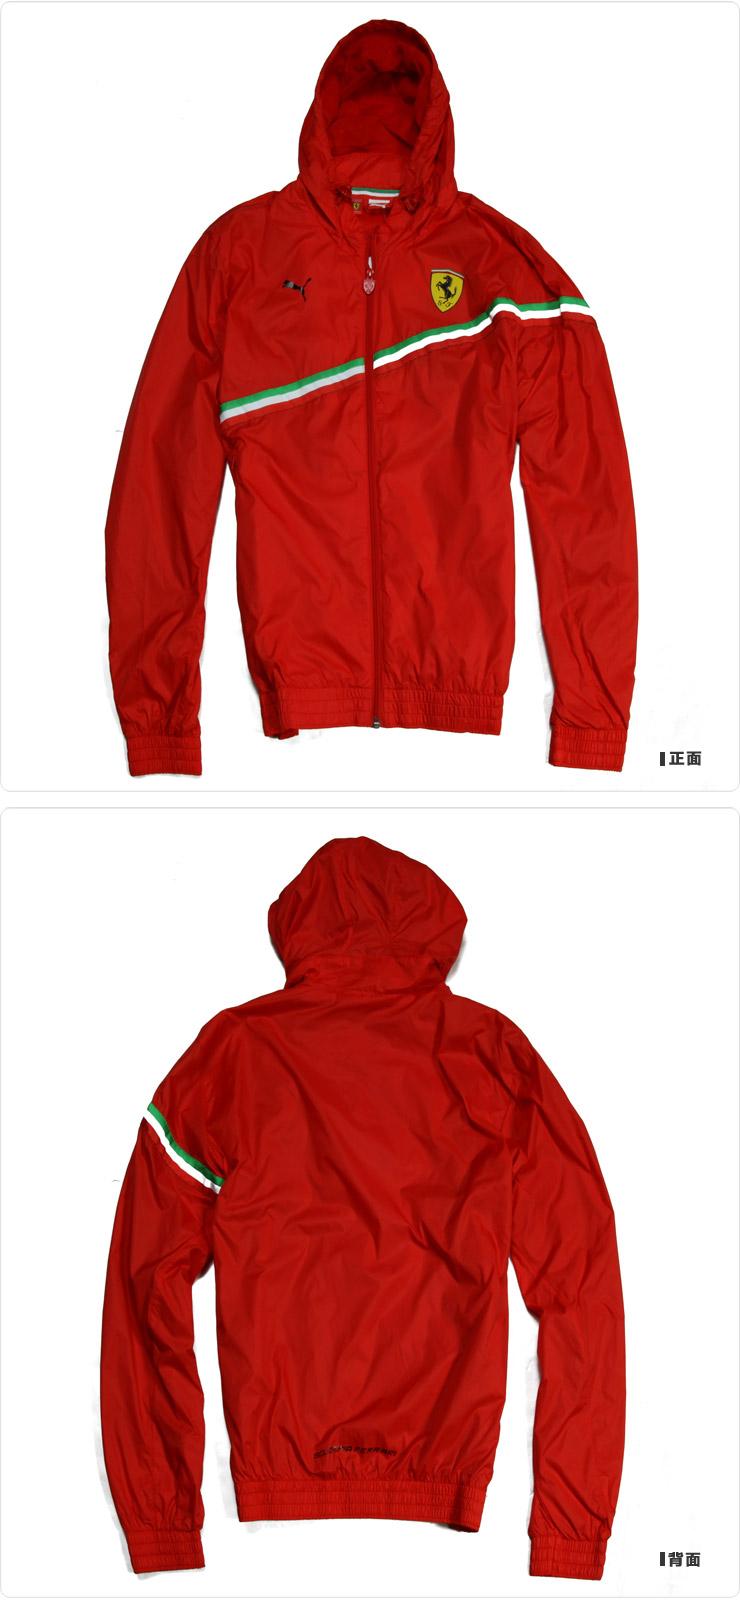 0   商品名称 风衣 商品价格 599 商品品牌 puma服装 领口设计图片